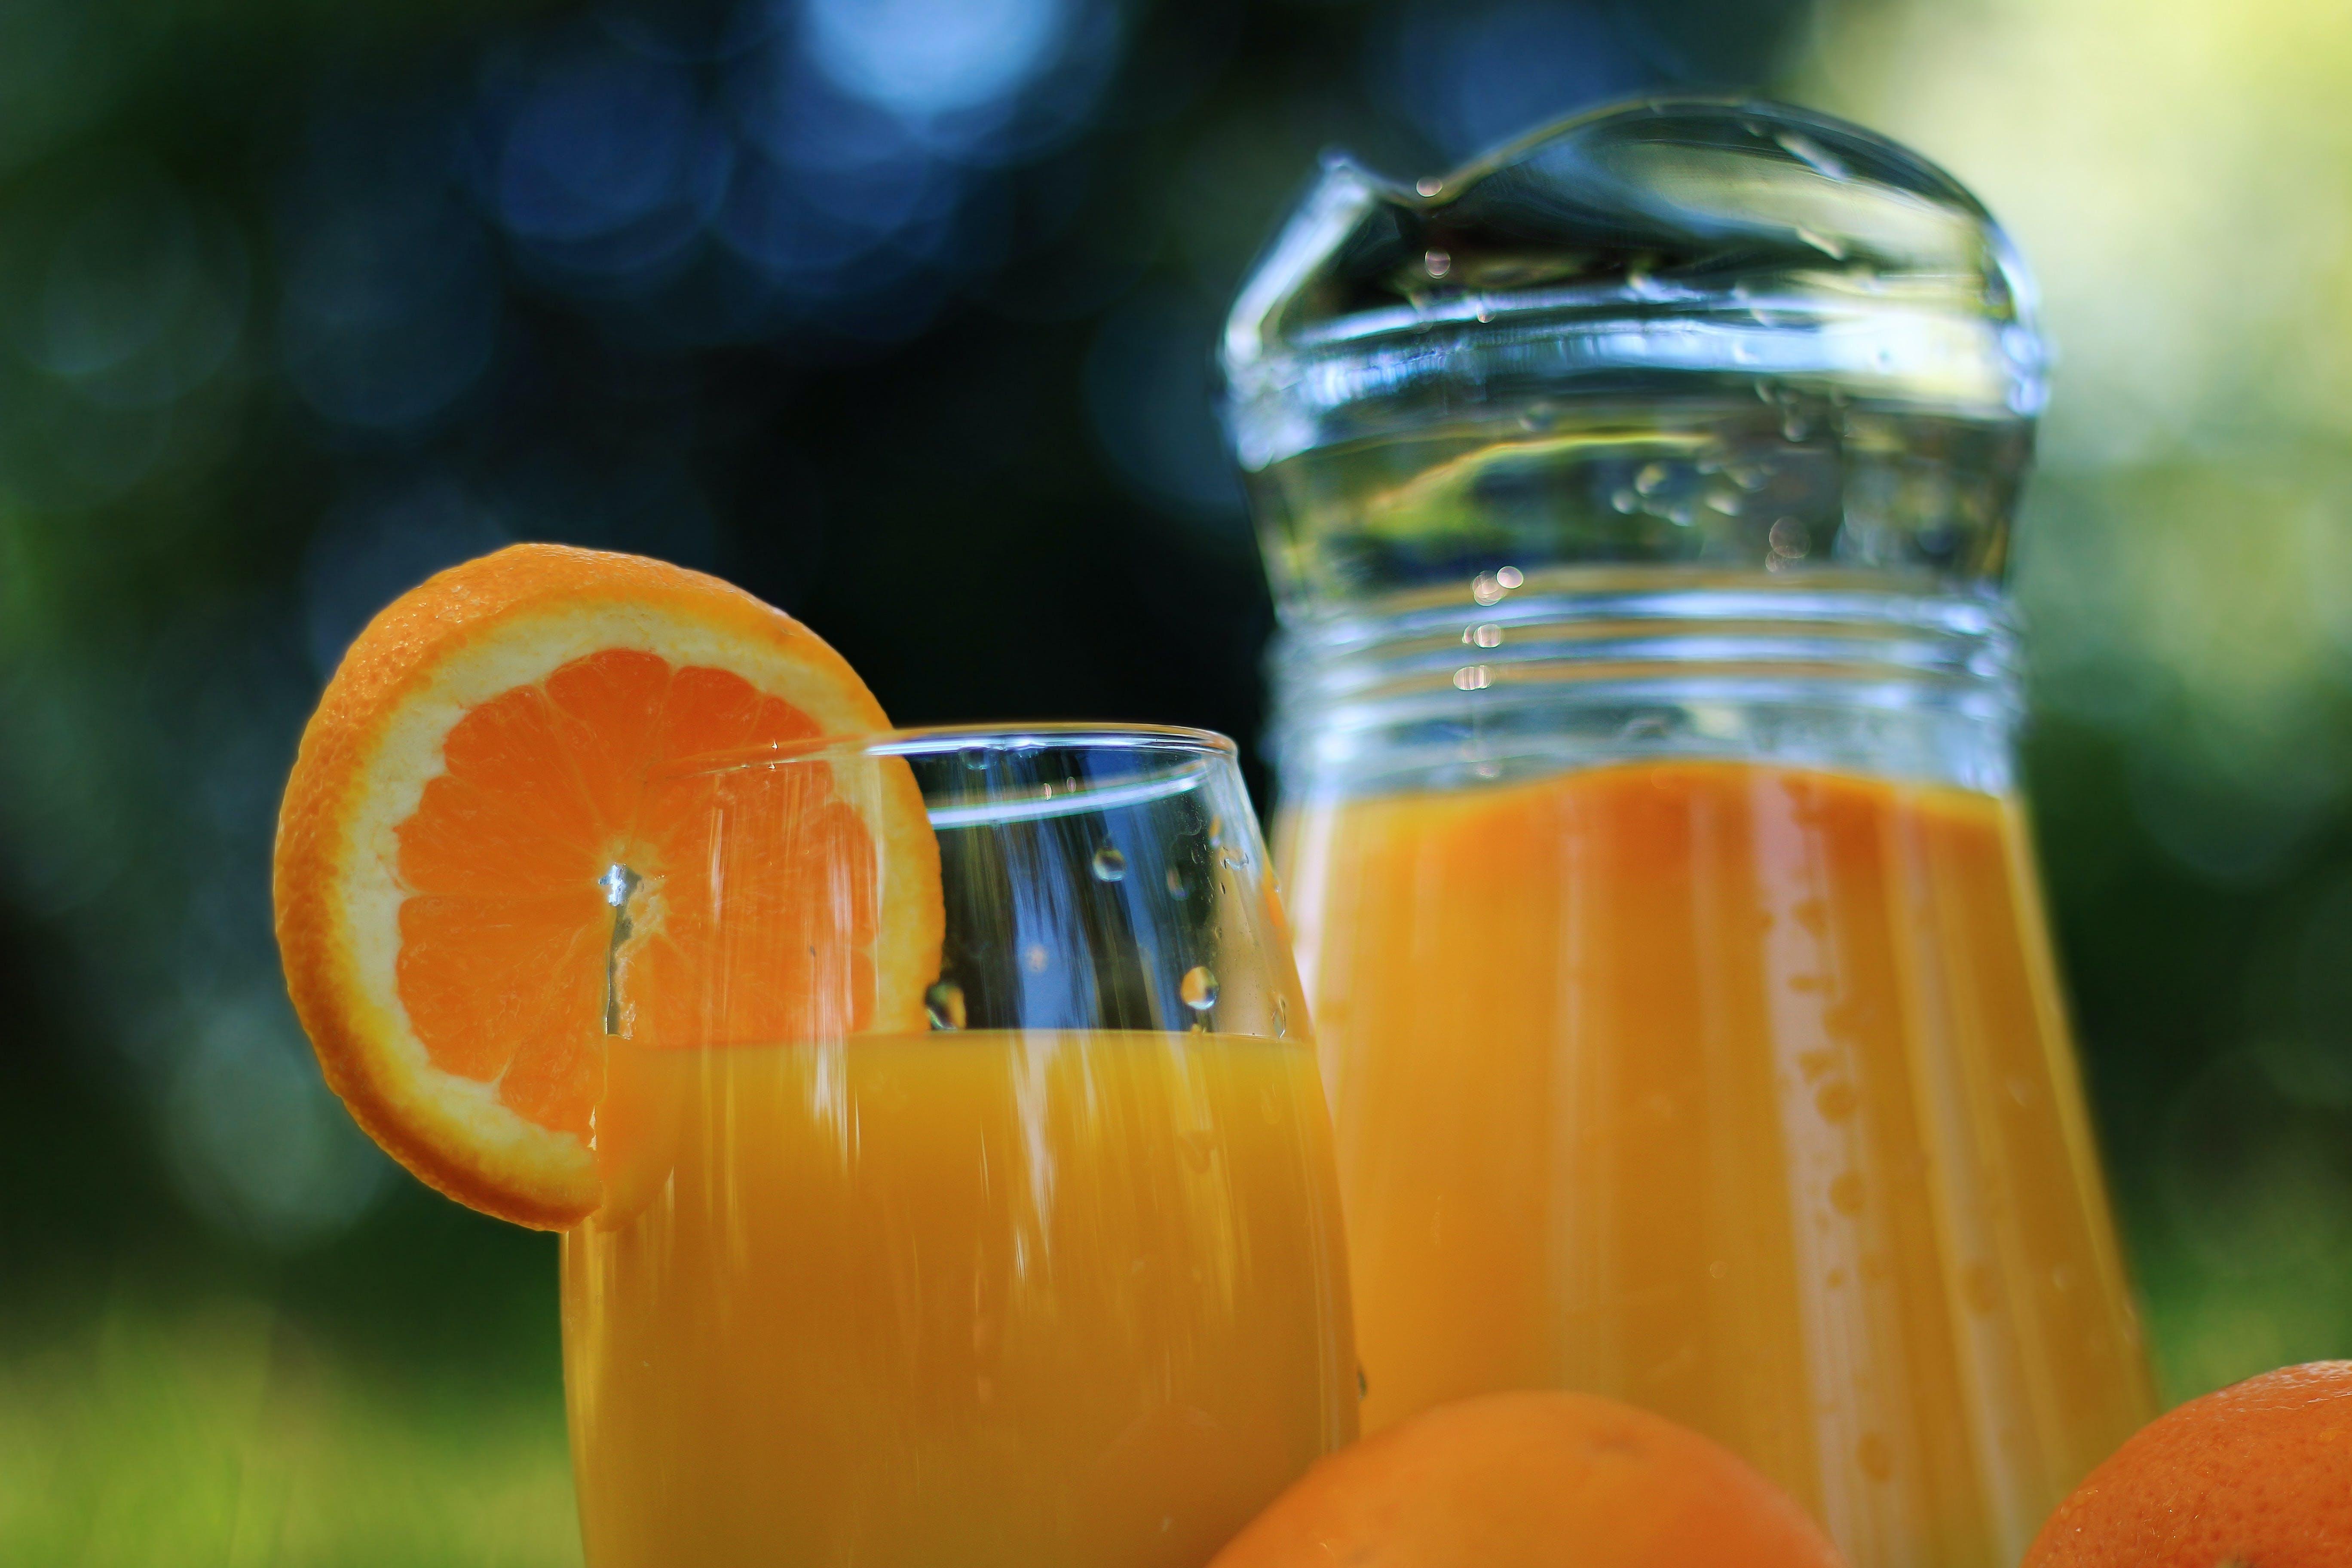 Kostenloses Stock Foto zu frisch, frühstück, gesund, gesundheit